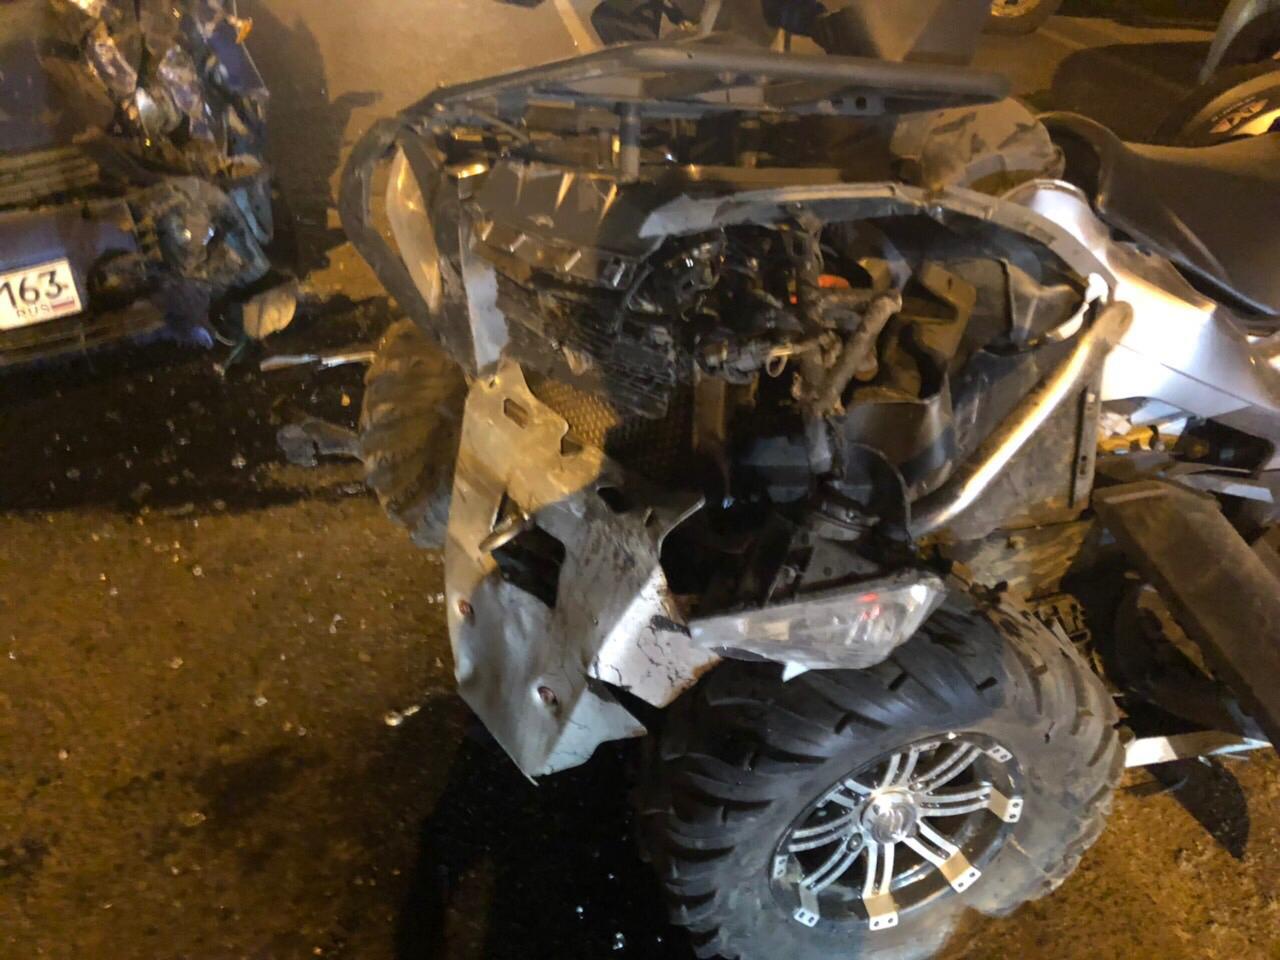 Перелетел через машину: В Тольятти квадроциклист врезался в «Ладу» и маршрутку